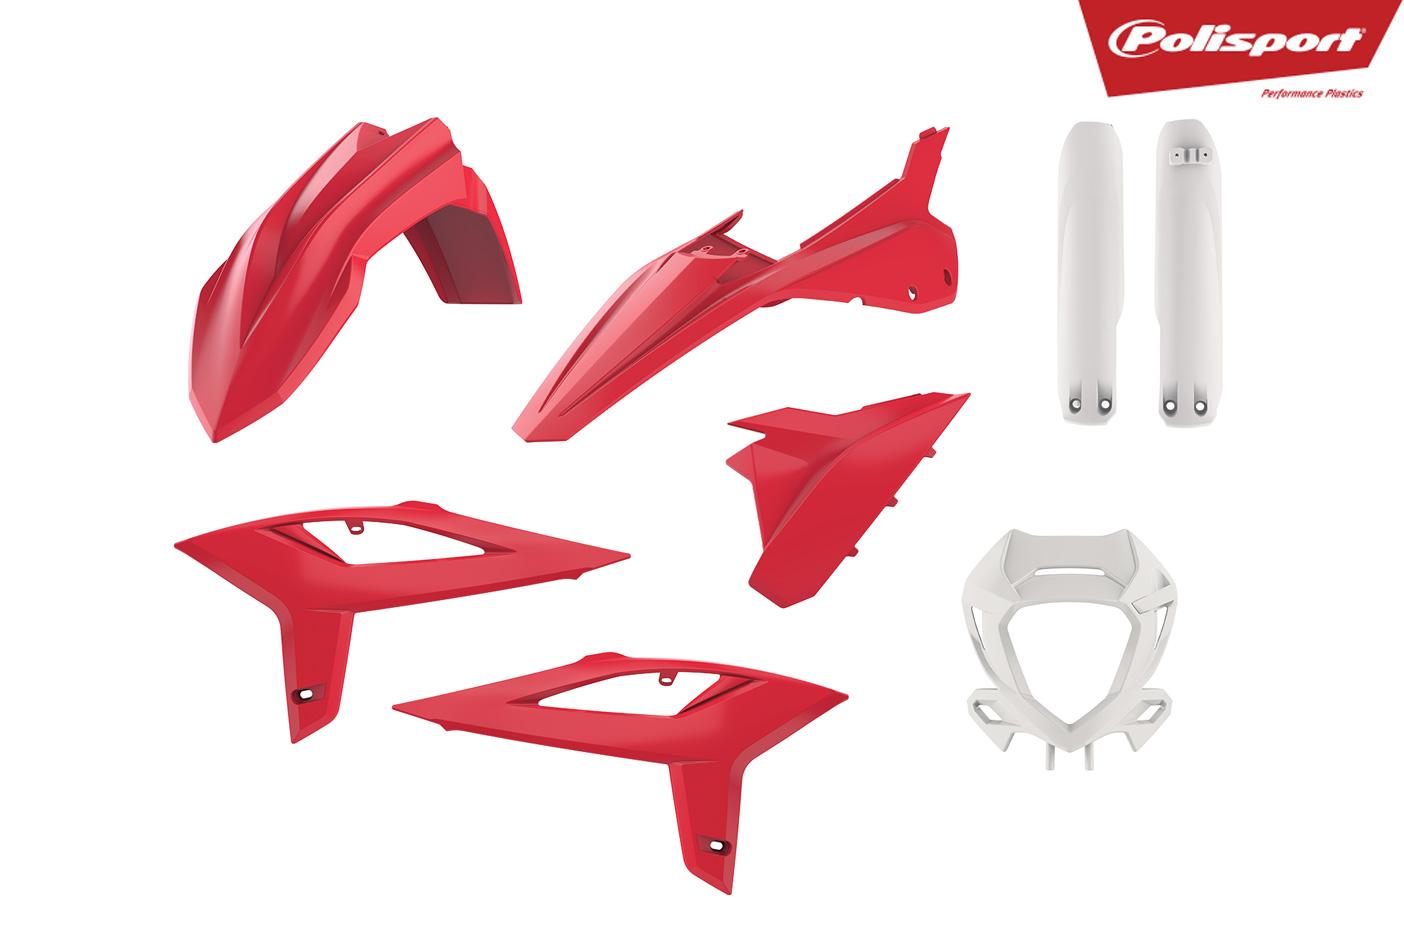 Plastikteile für deine Beta RR in rot / weiss, bestehend aus Frontkotflügel, Heckkotflügel, Tankspoiler, Gabelschoner, Lampenmaske und Seitenteilen